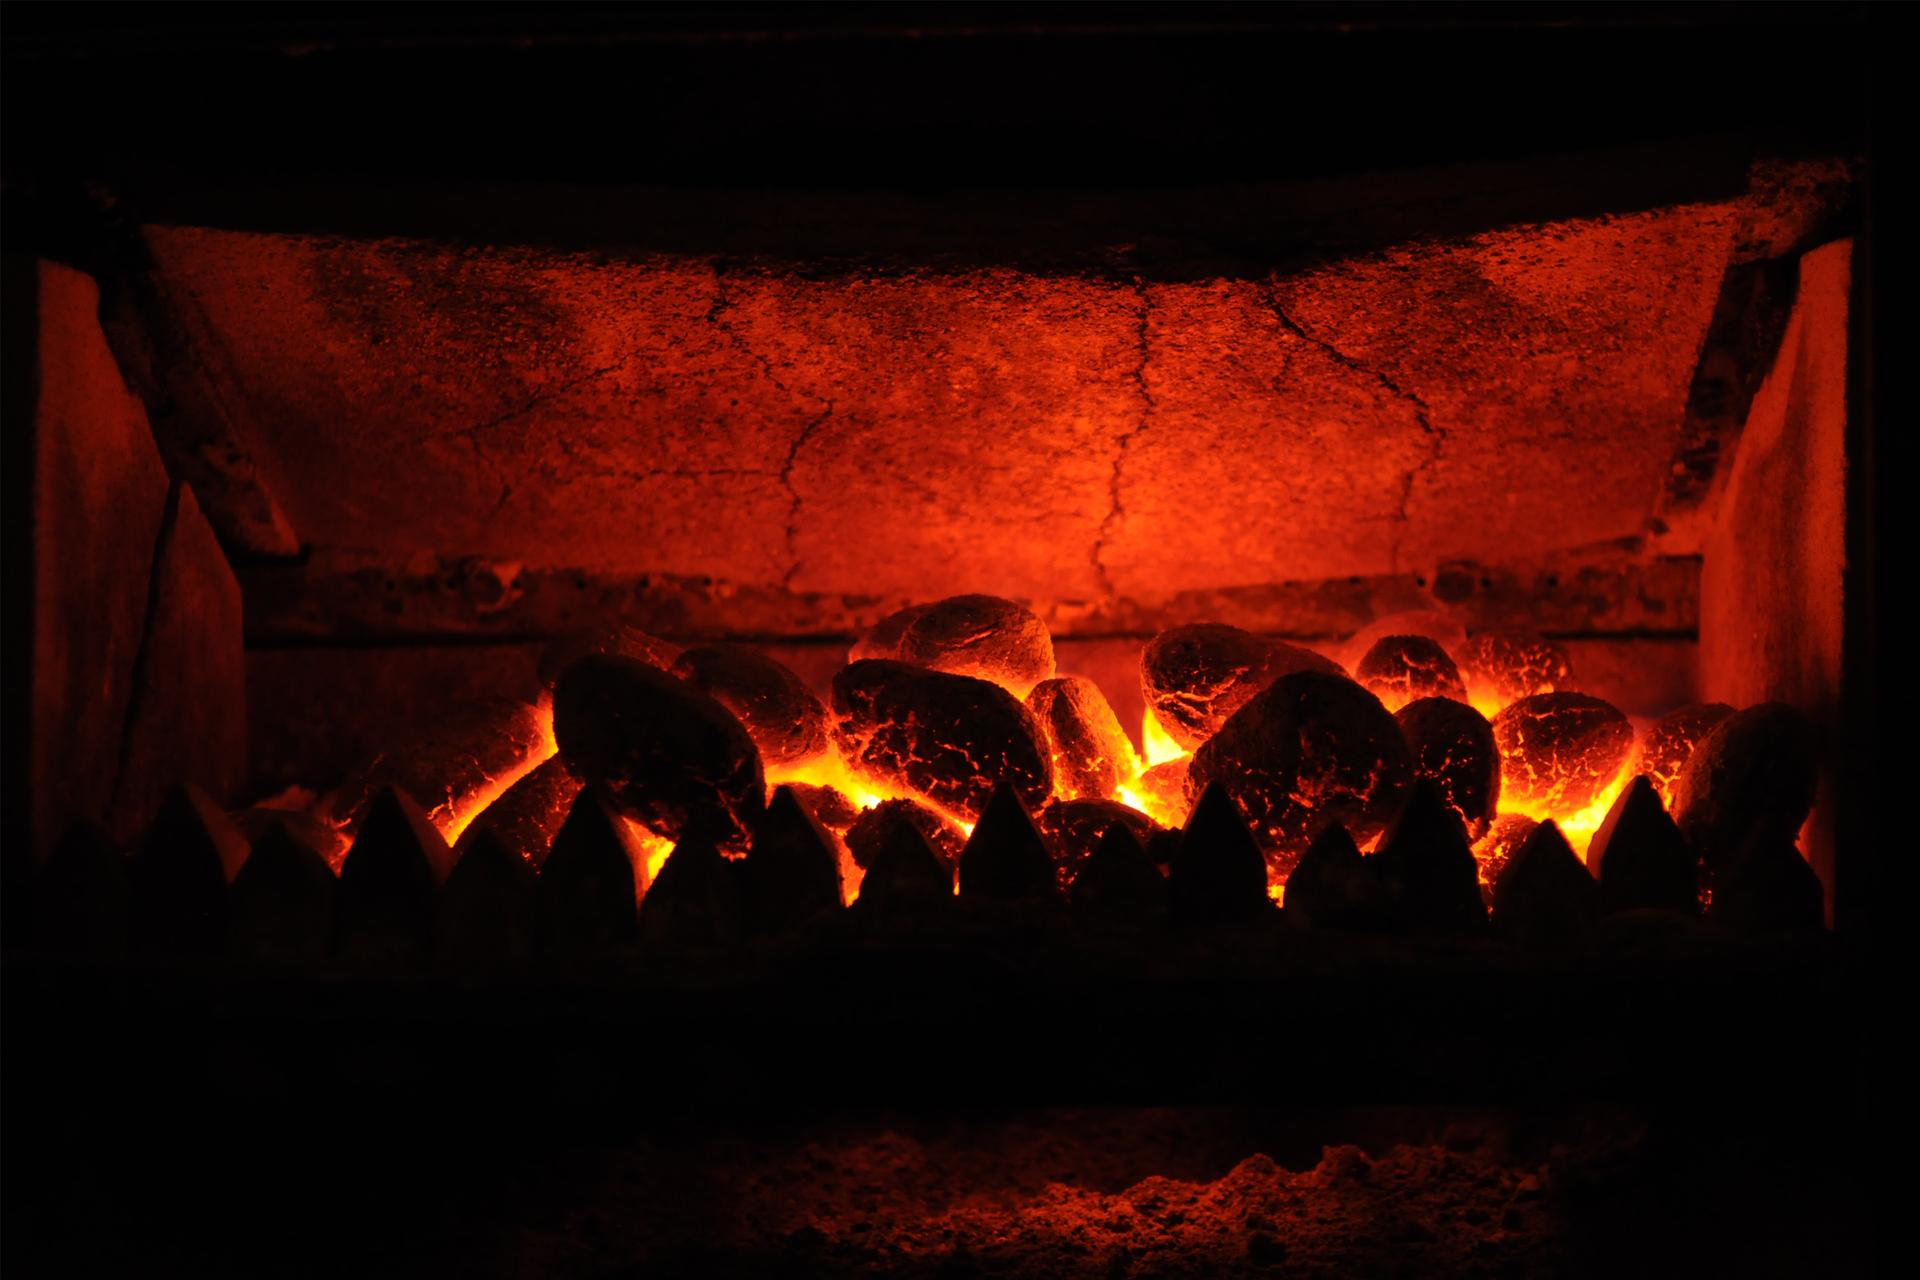 Zdjęcie przedstawia rozżarzone kawałki węgla palącego się wpiecu czerwonym płomieniem.